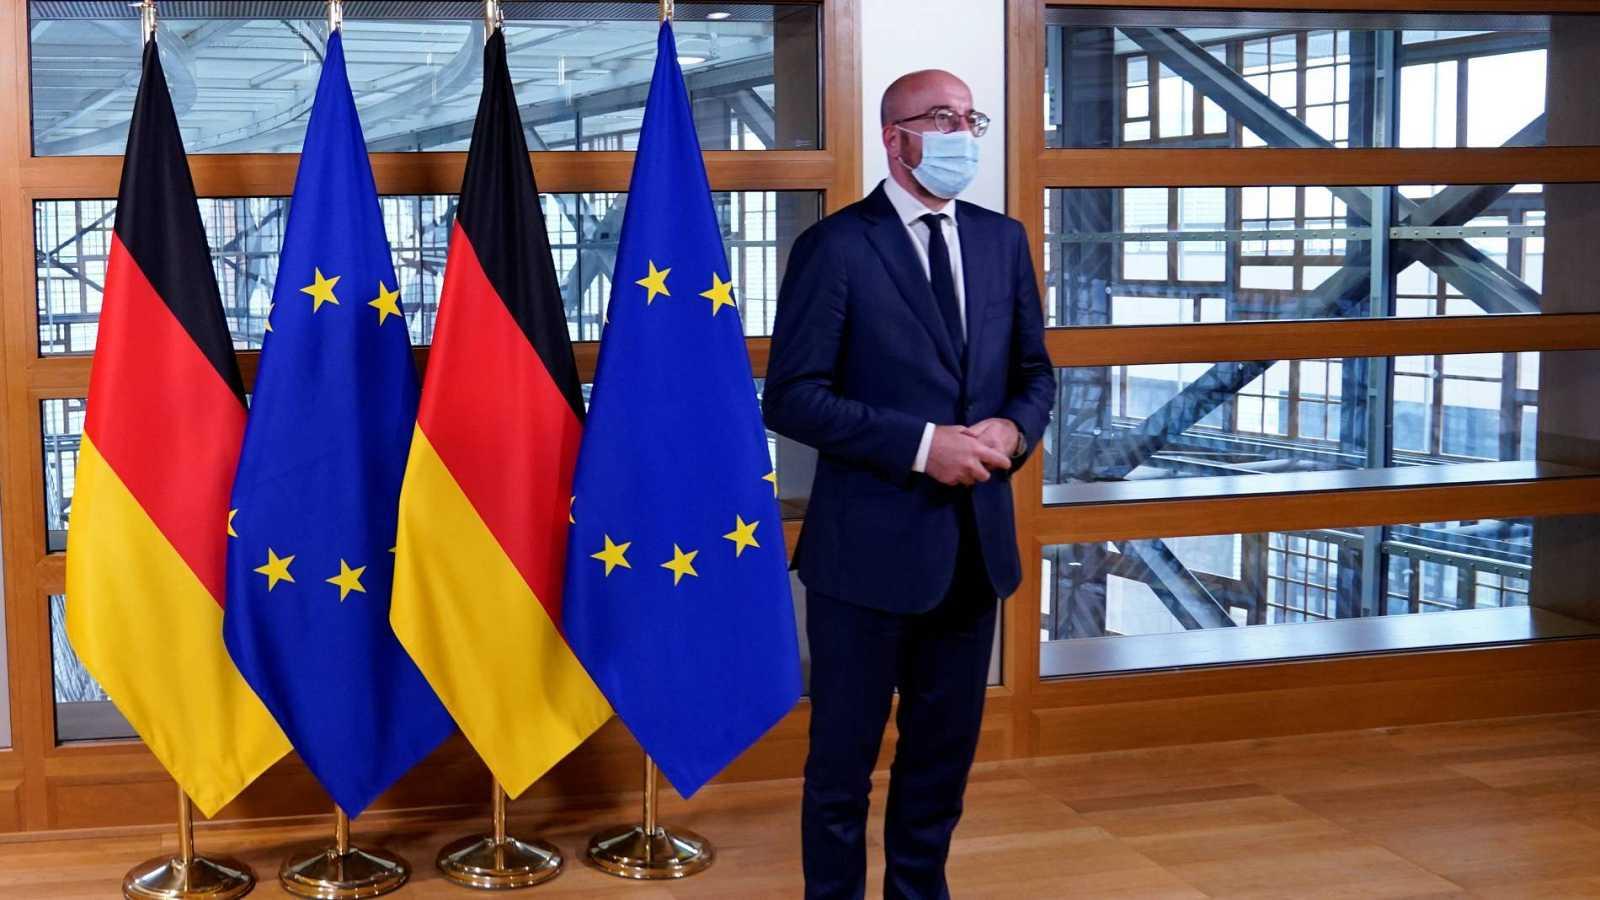 El presidente del Consejo Europeo, Charles Michel, durante un encuentro con la canciller alemana, Angela Merkel.